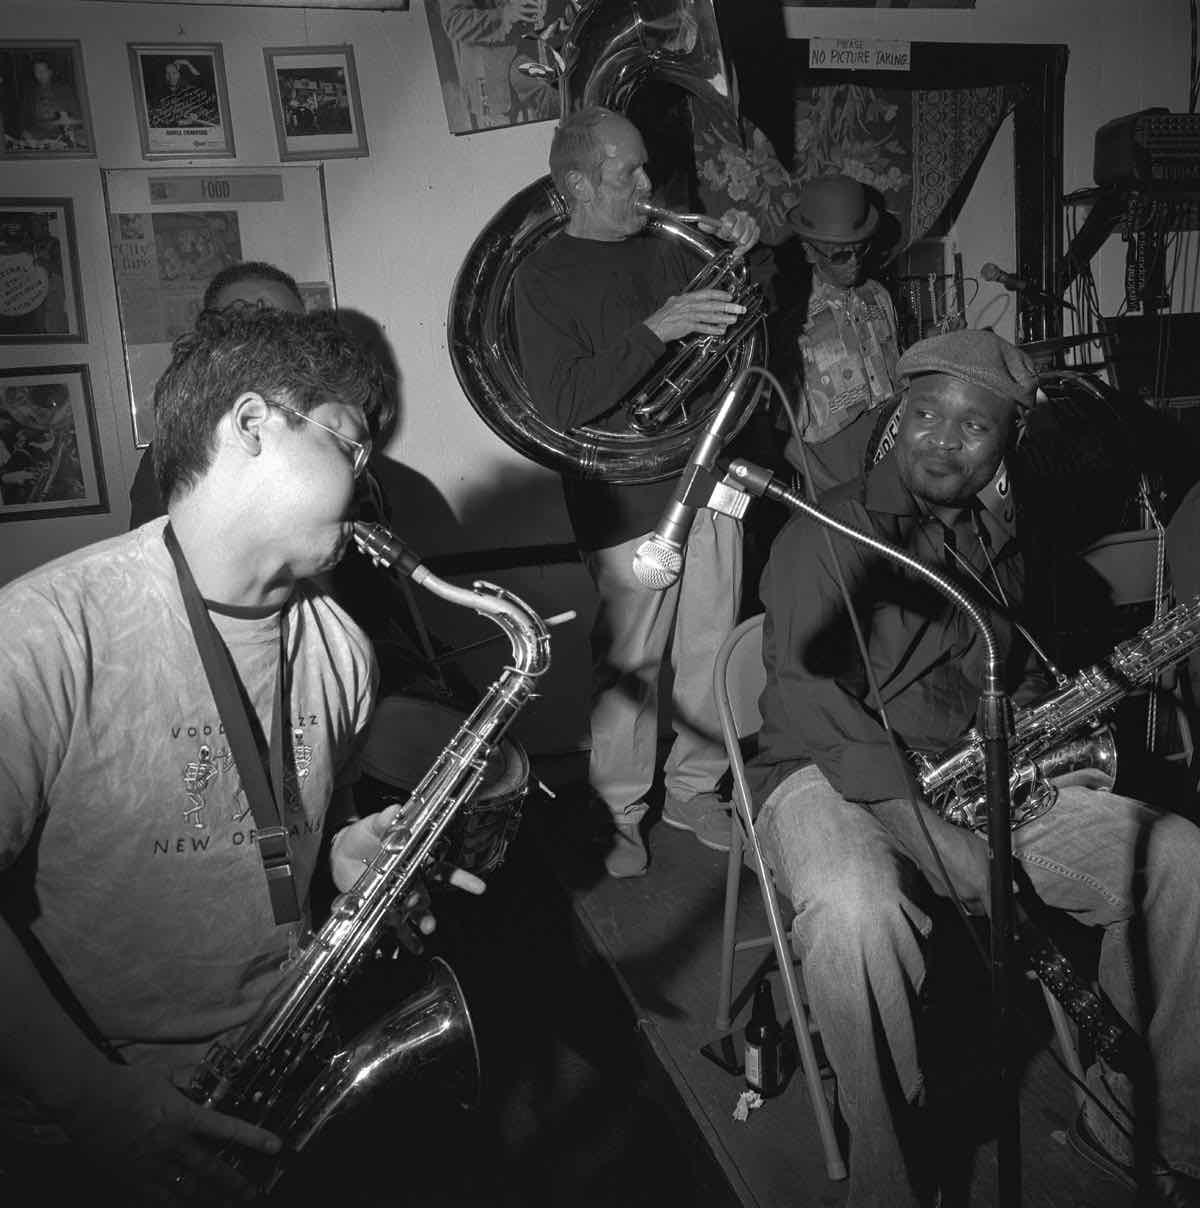 New Orleans Music 4-06 (26, #18).jpg